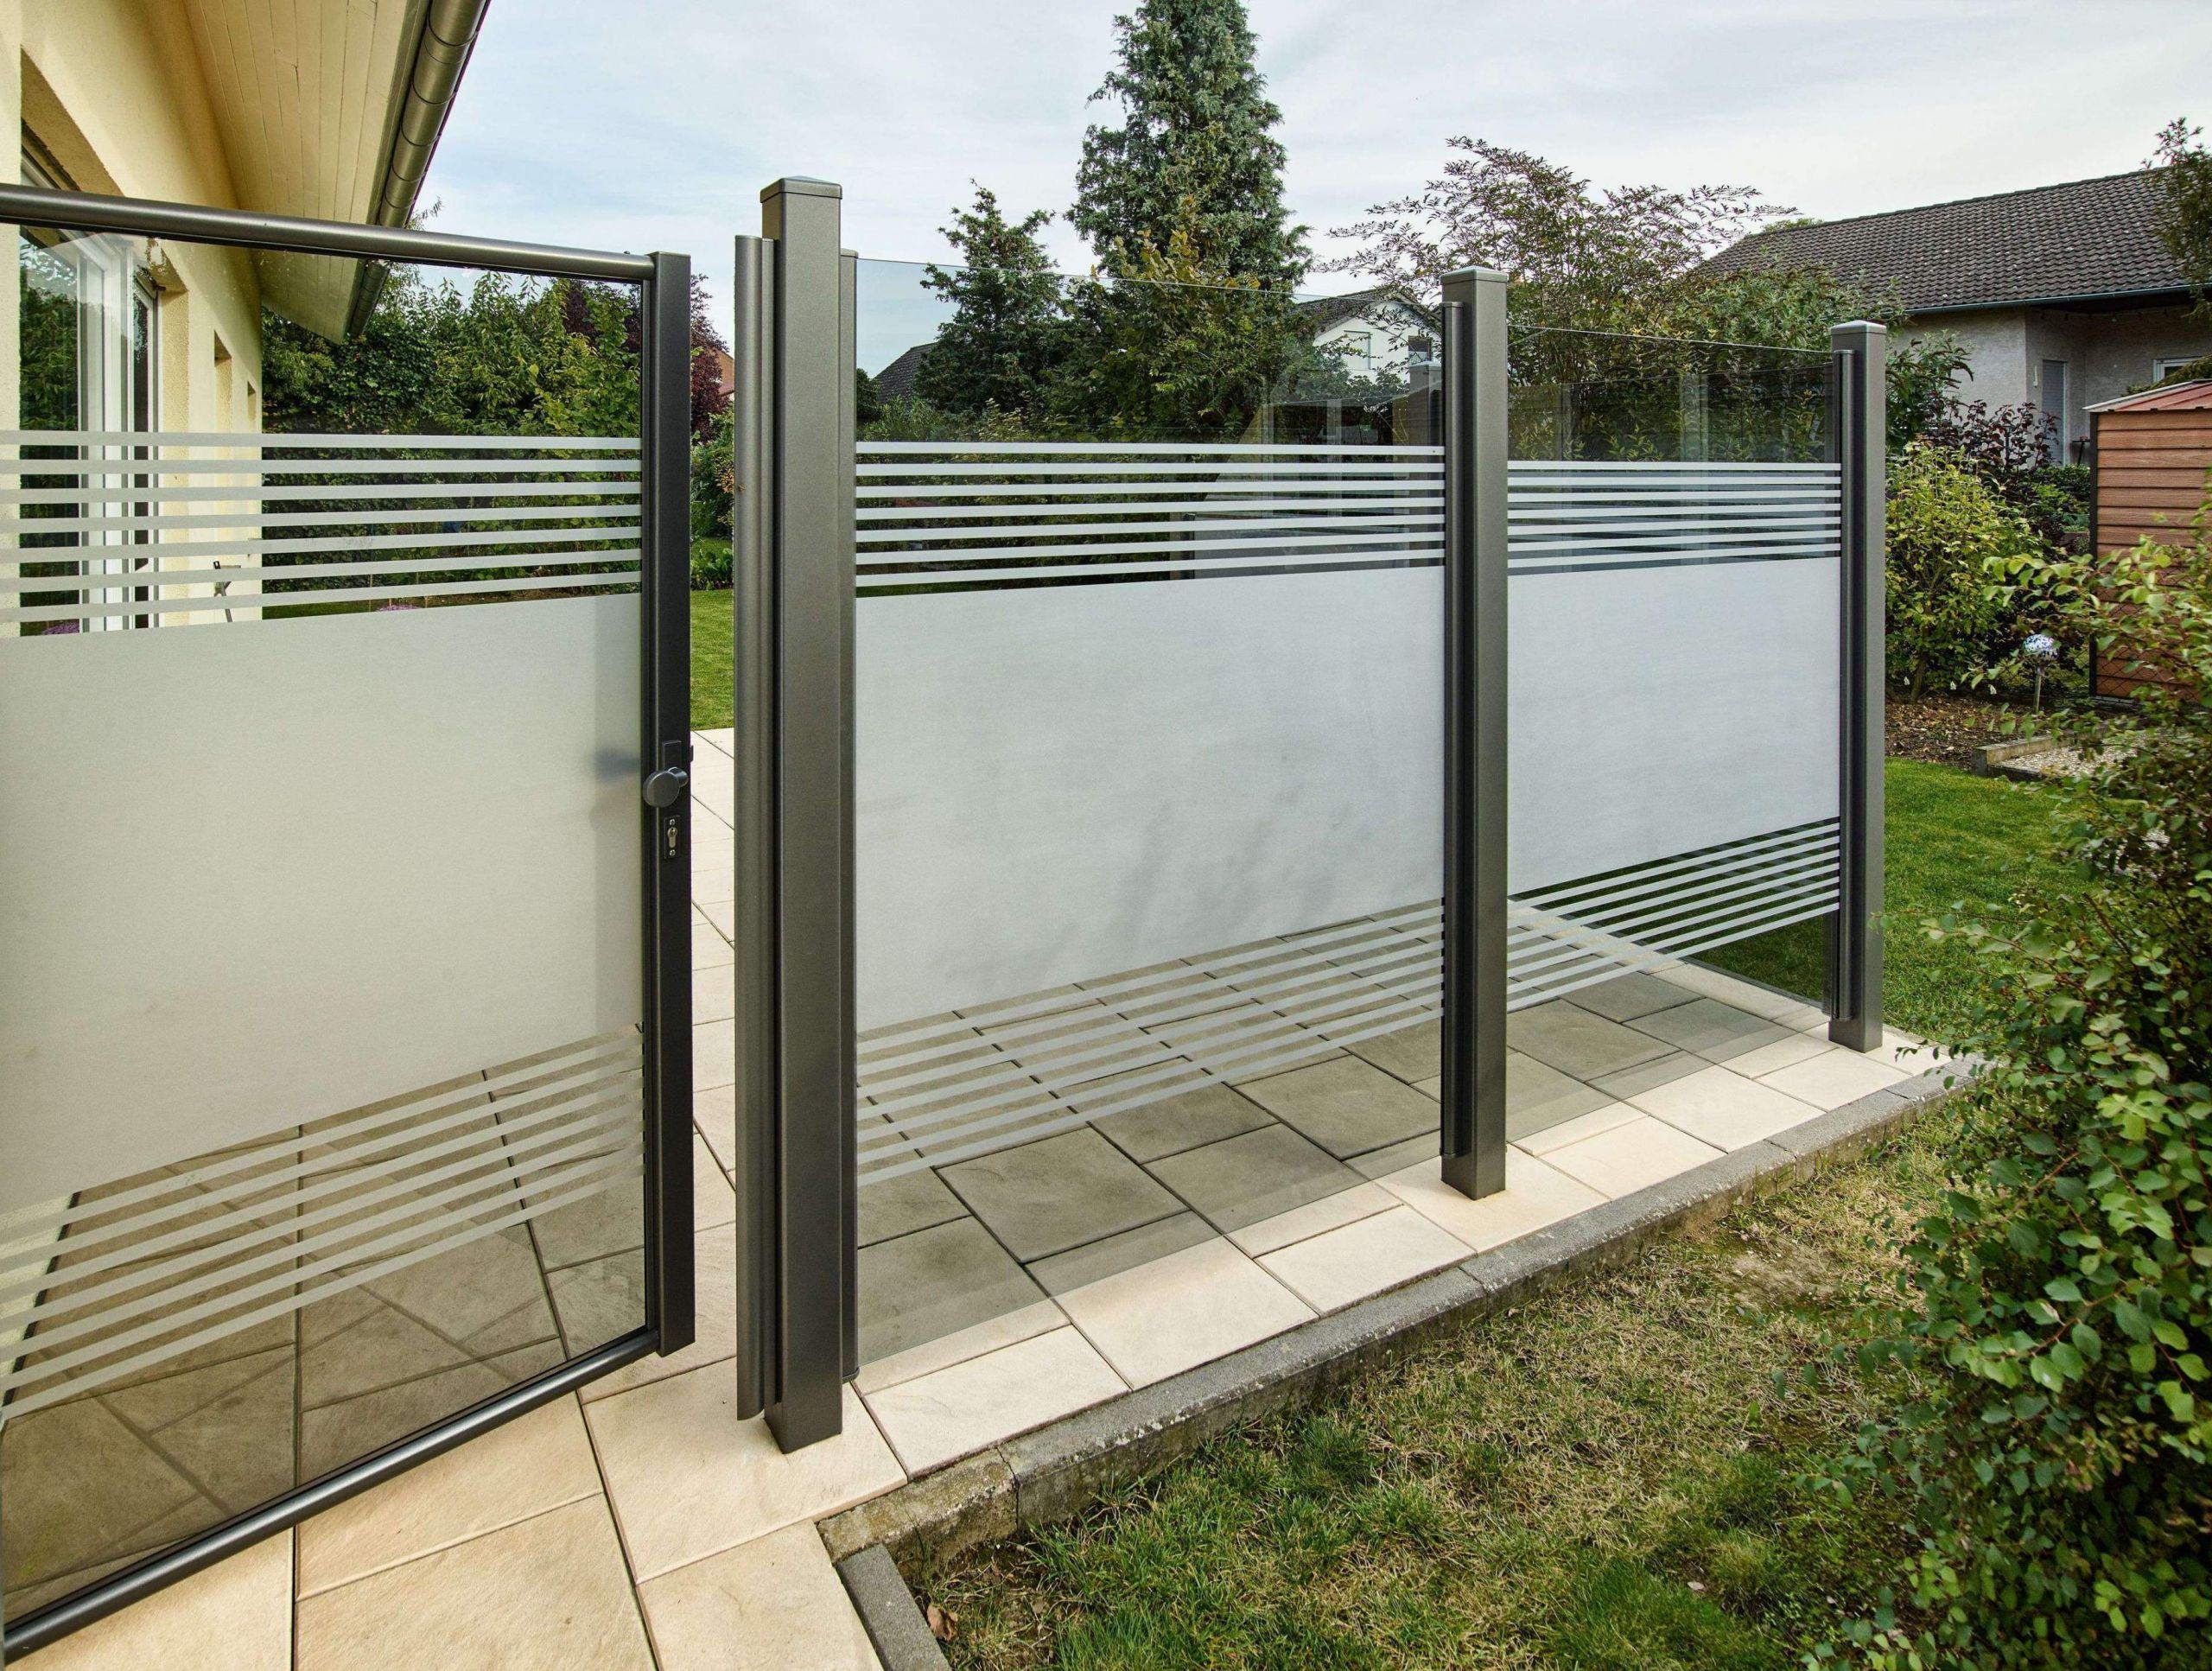 Sichtschutz Für Garten Genial Grüner Sichtschutz Garten — Temobardz Home Blog